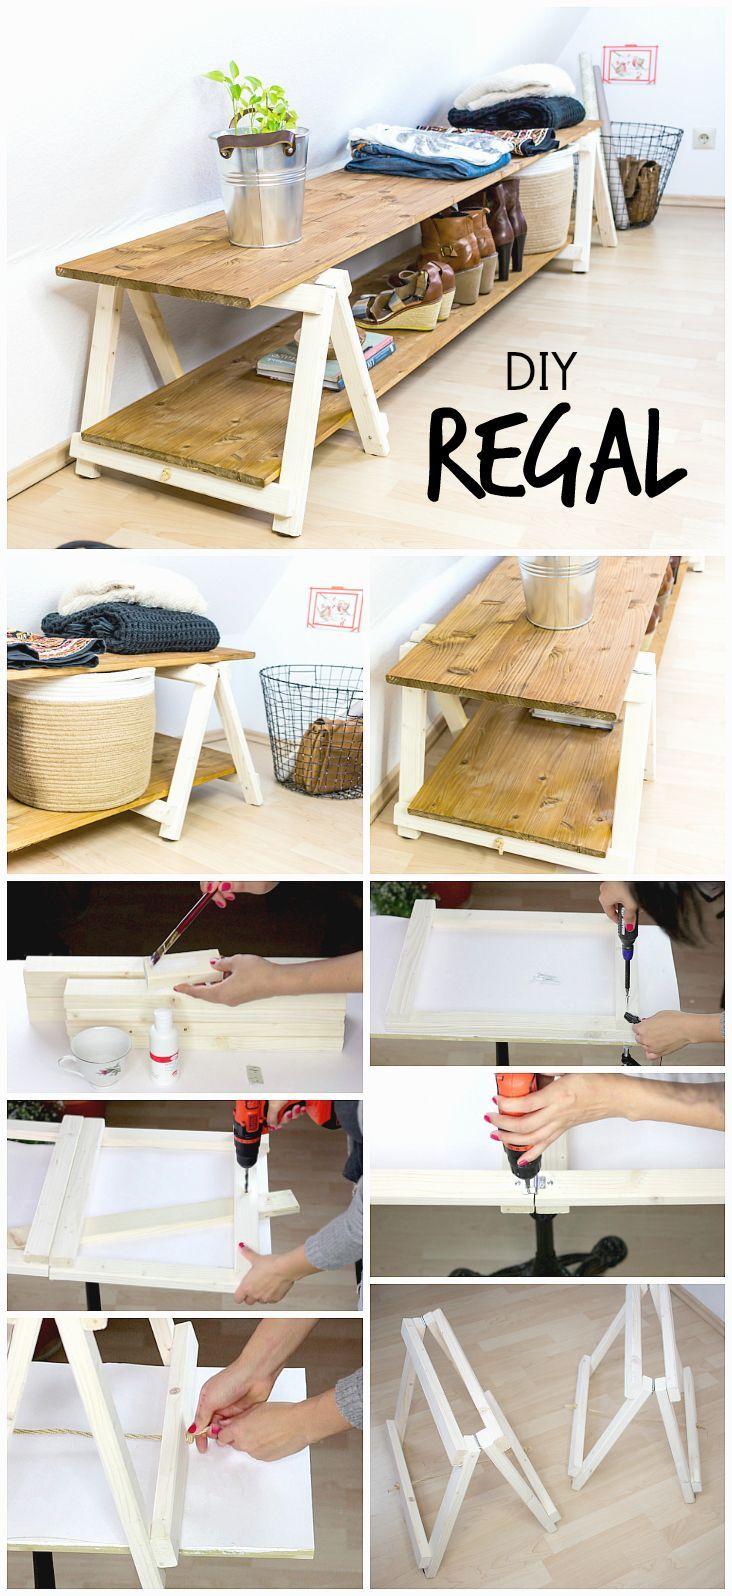 DIY Idee   Ein Regal Mit Mini Klappböcken Bauen. Dieses Regal Ist Einfach  Zu Machen Und Eignet Sich Super Für Schuhe Oder Unter Dachschrägen.